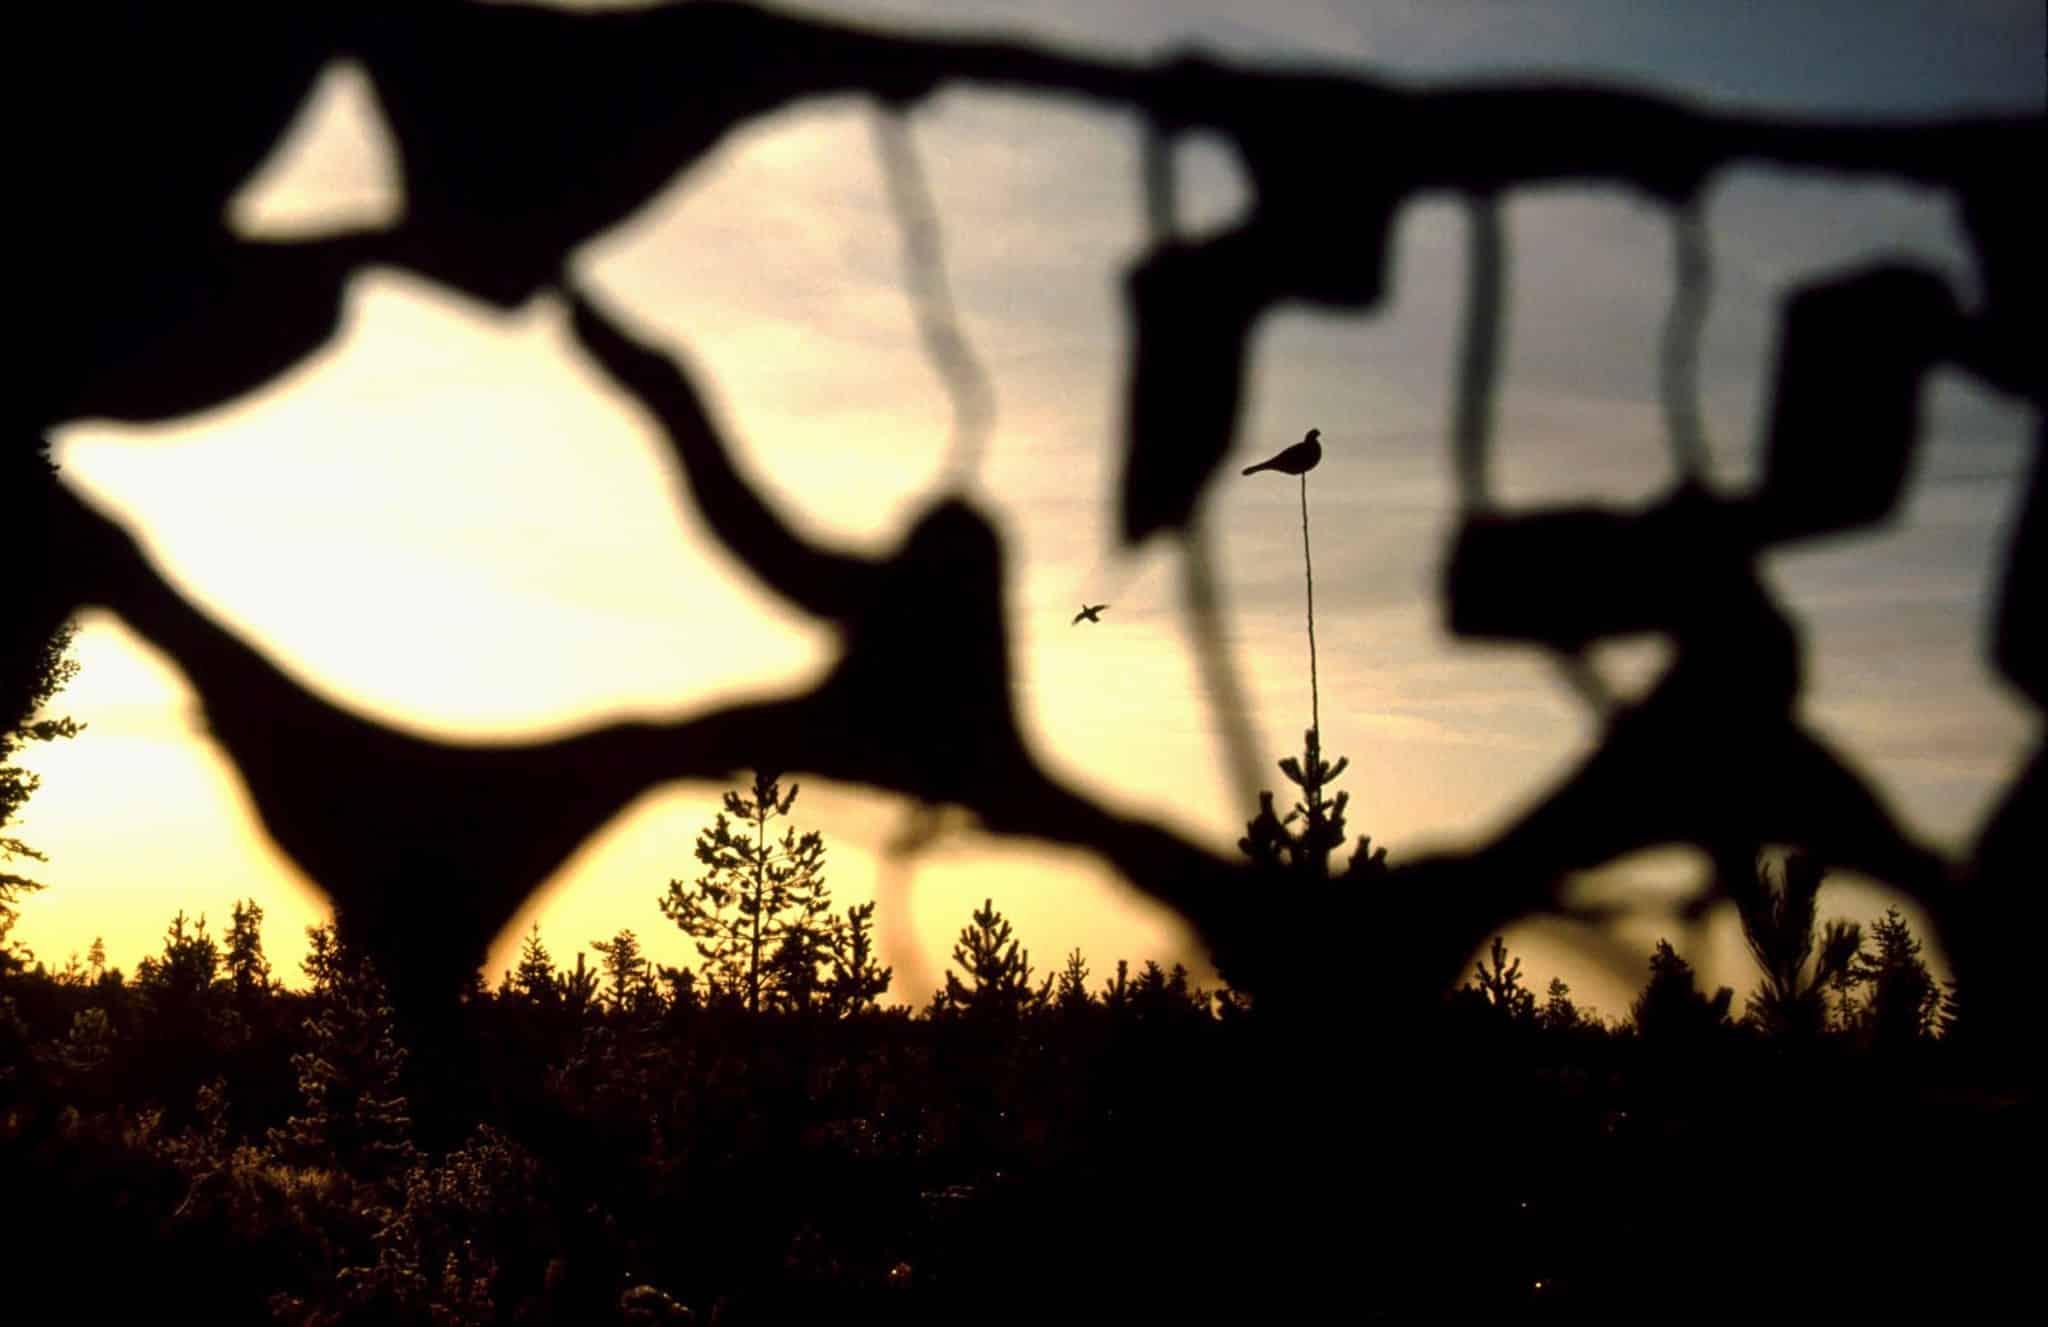 Foto: Leif Lindqvist